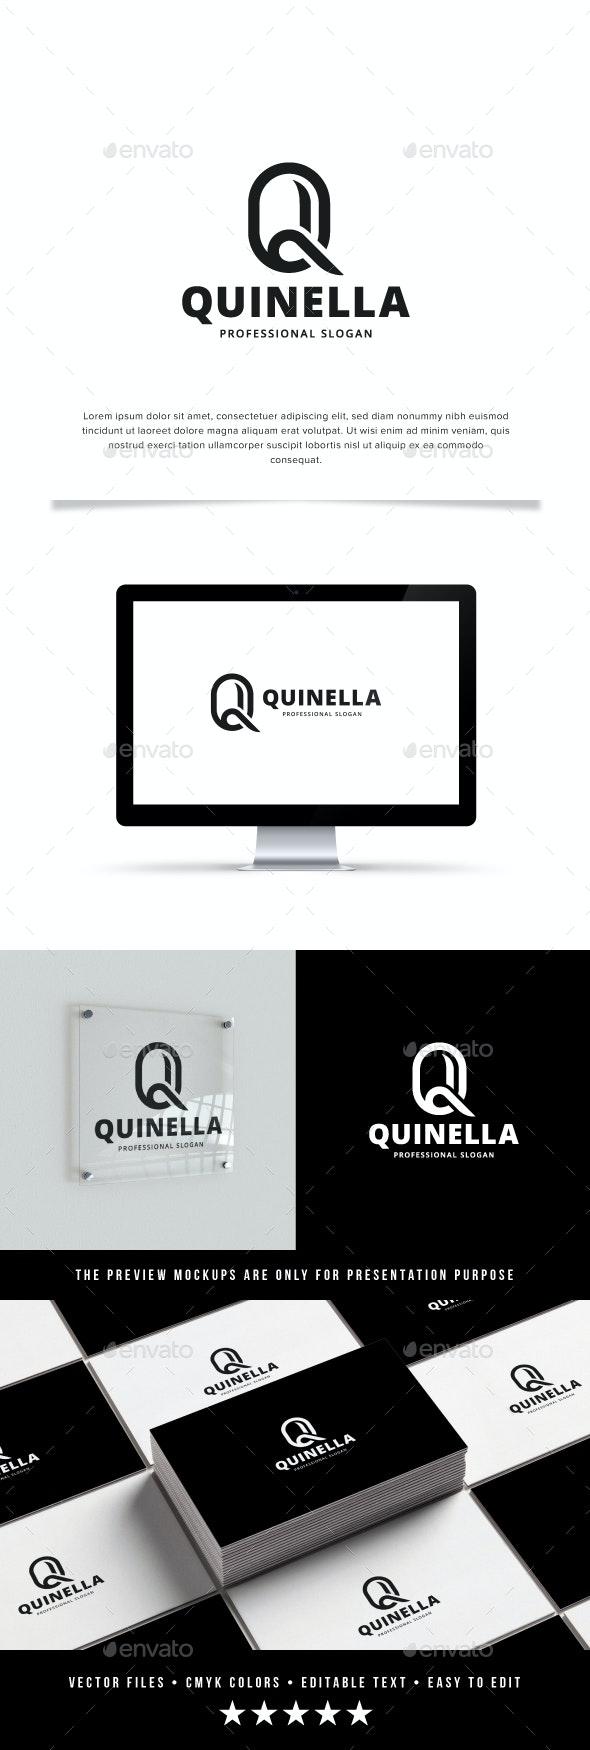 Letter Q - Quinella Logo - Letters Logo Templates